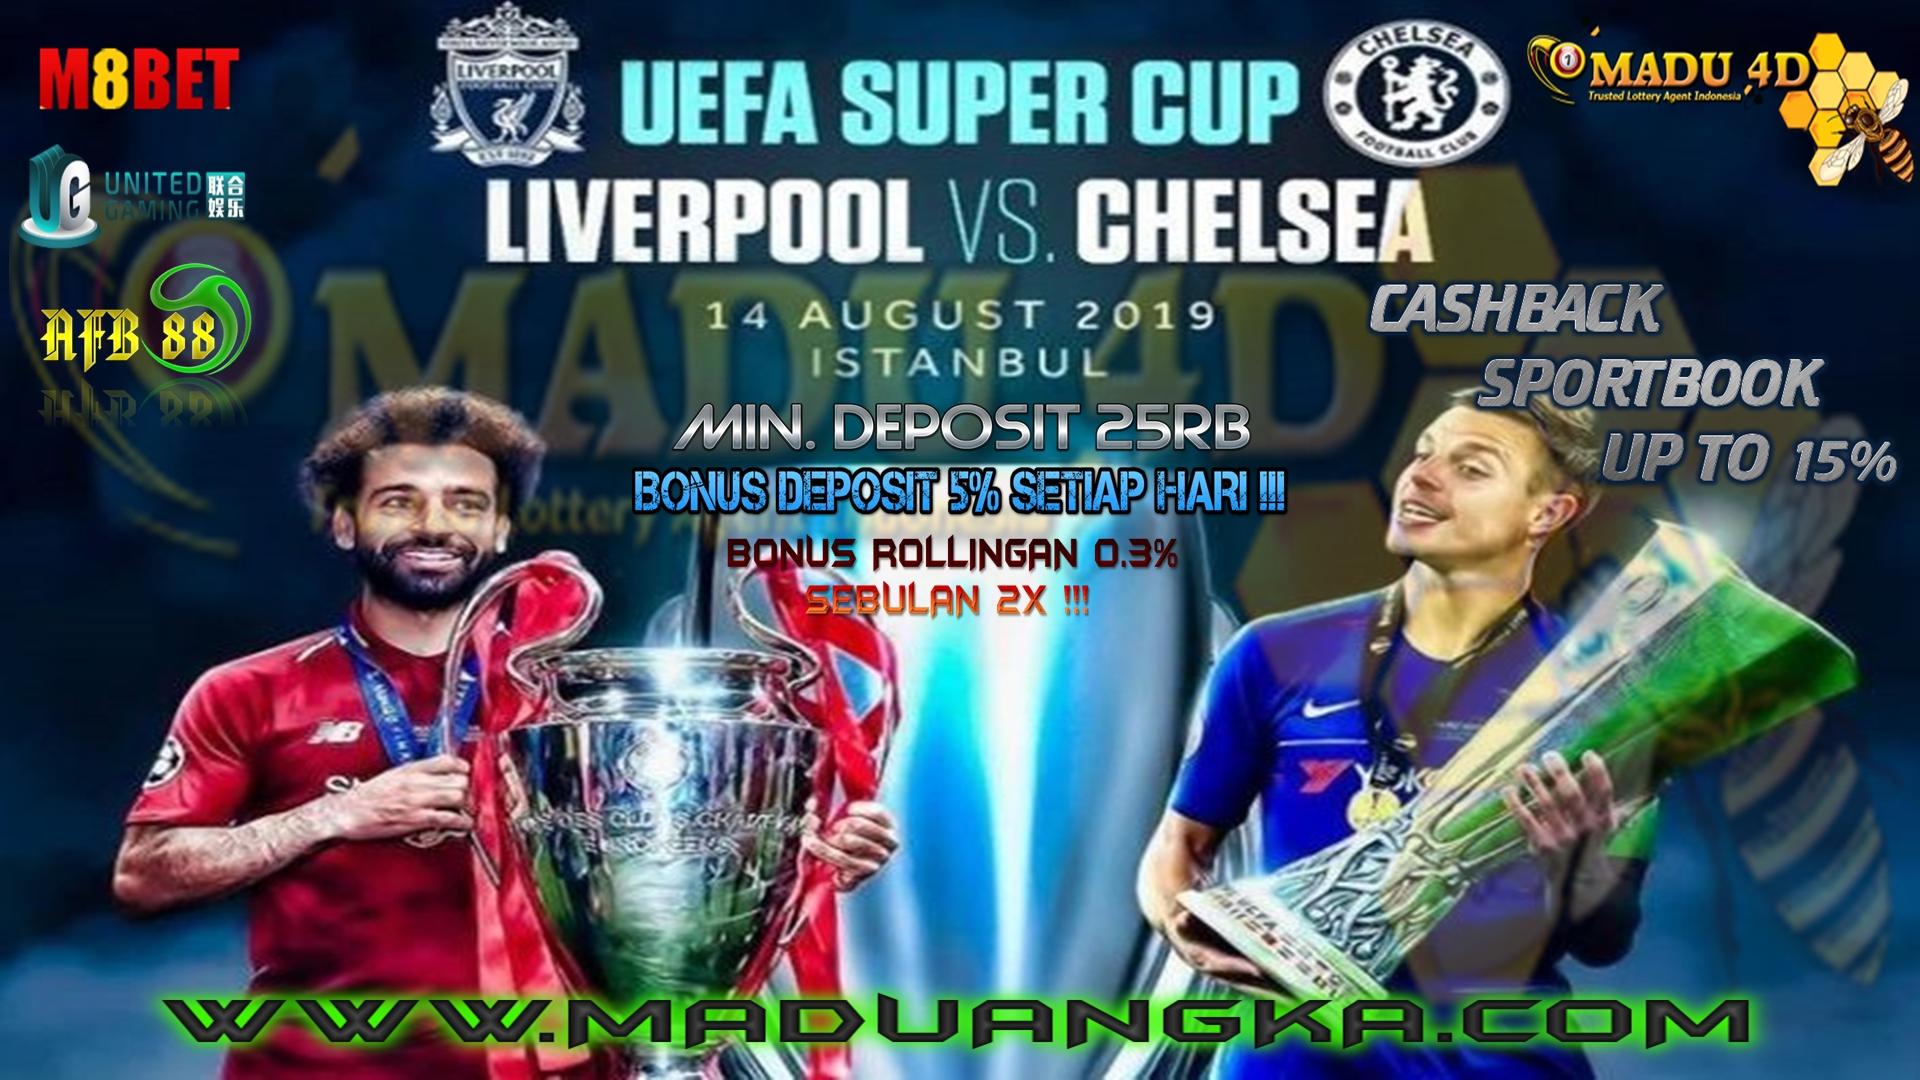 Prediksi Pertandingan Piala Super Eropa 2019 Liverpool vs Chelsea